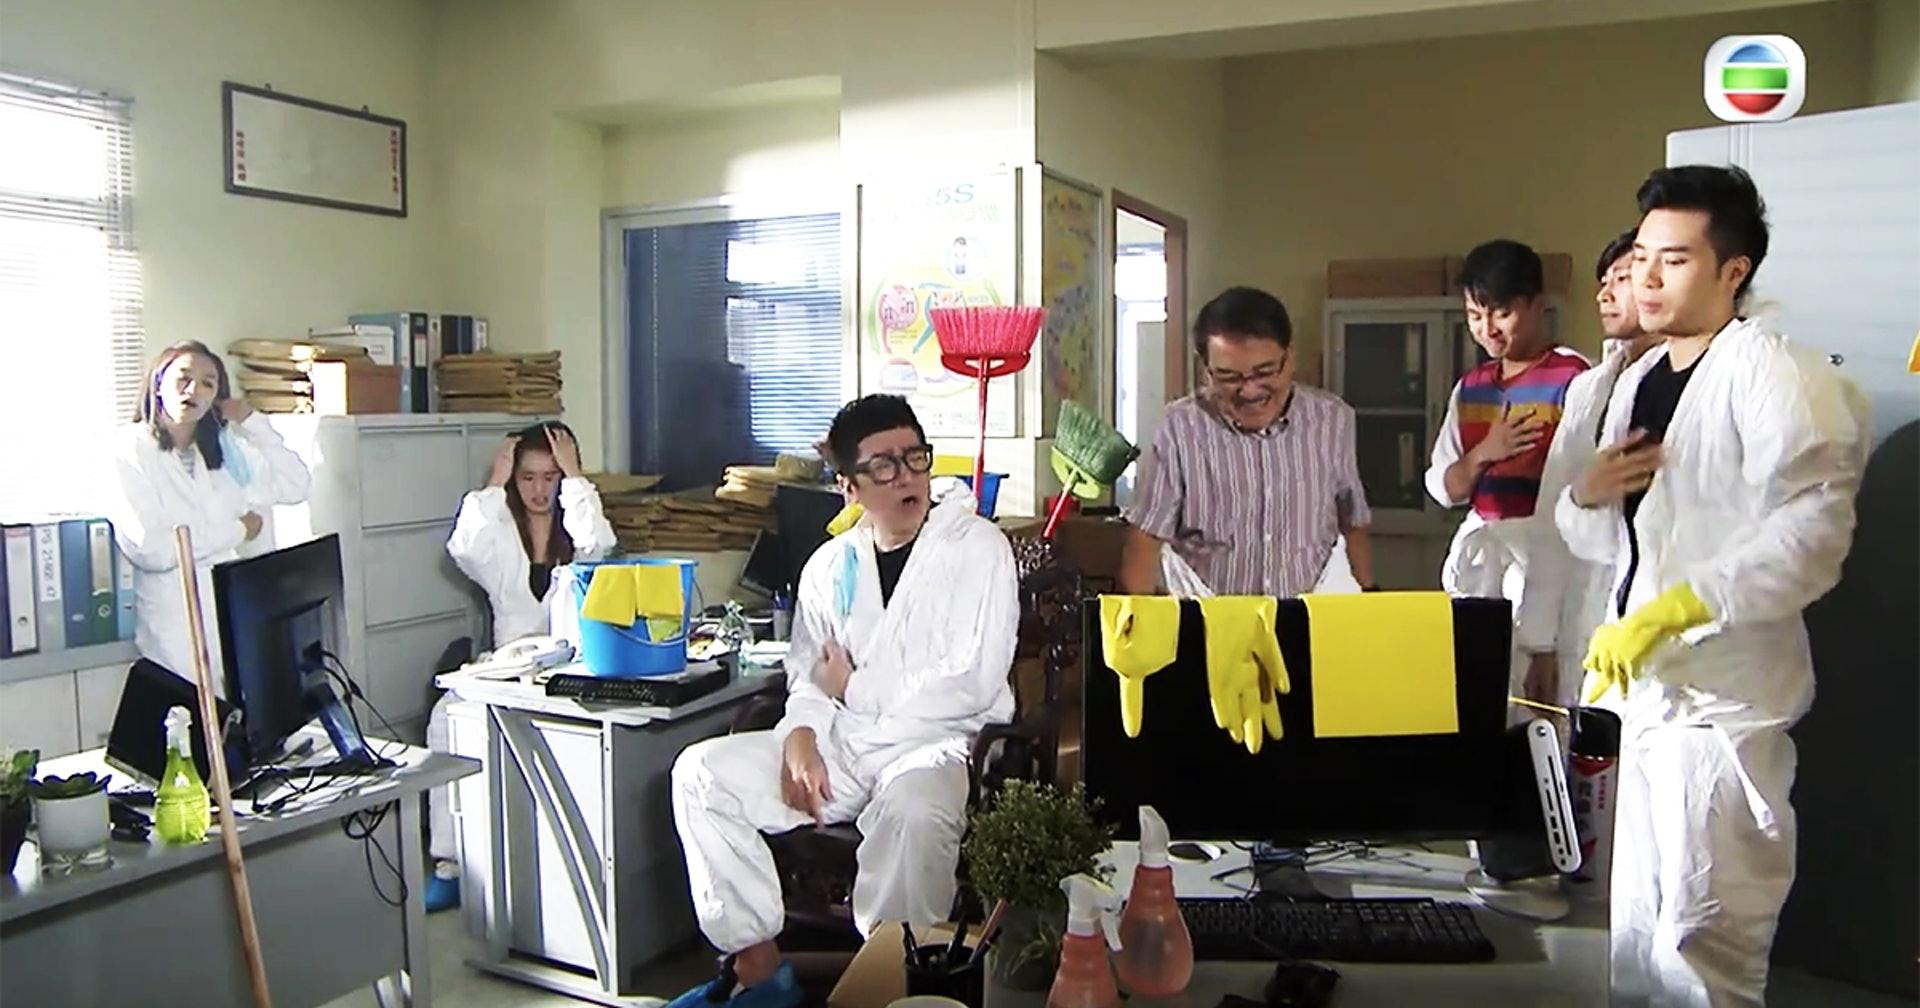 TVB热播剧现14秒乱港手势 观众罢看 导演被解雇(图1)